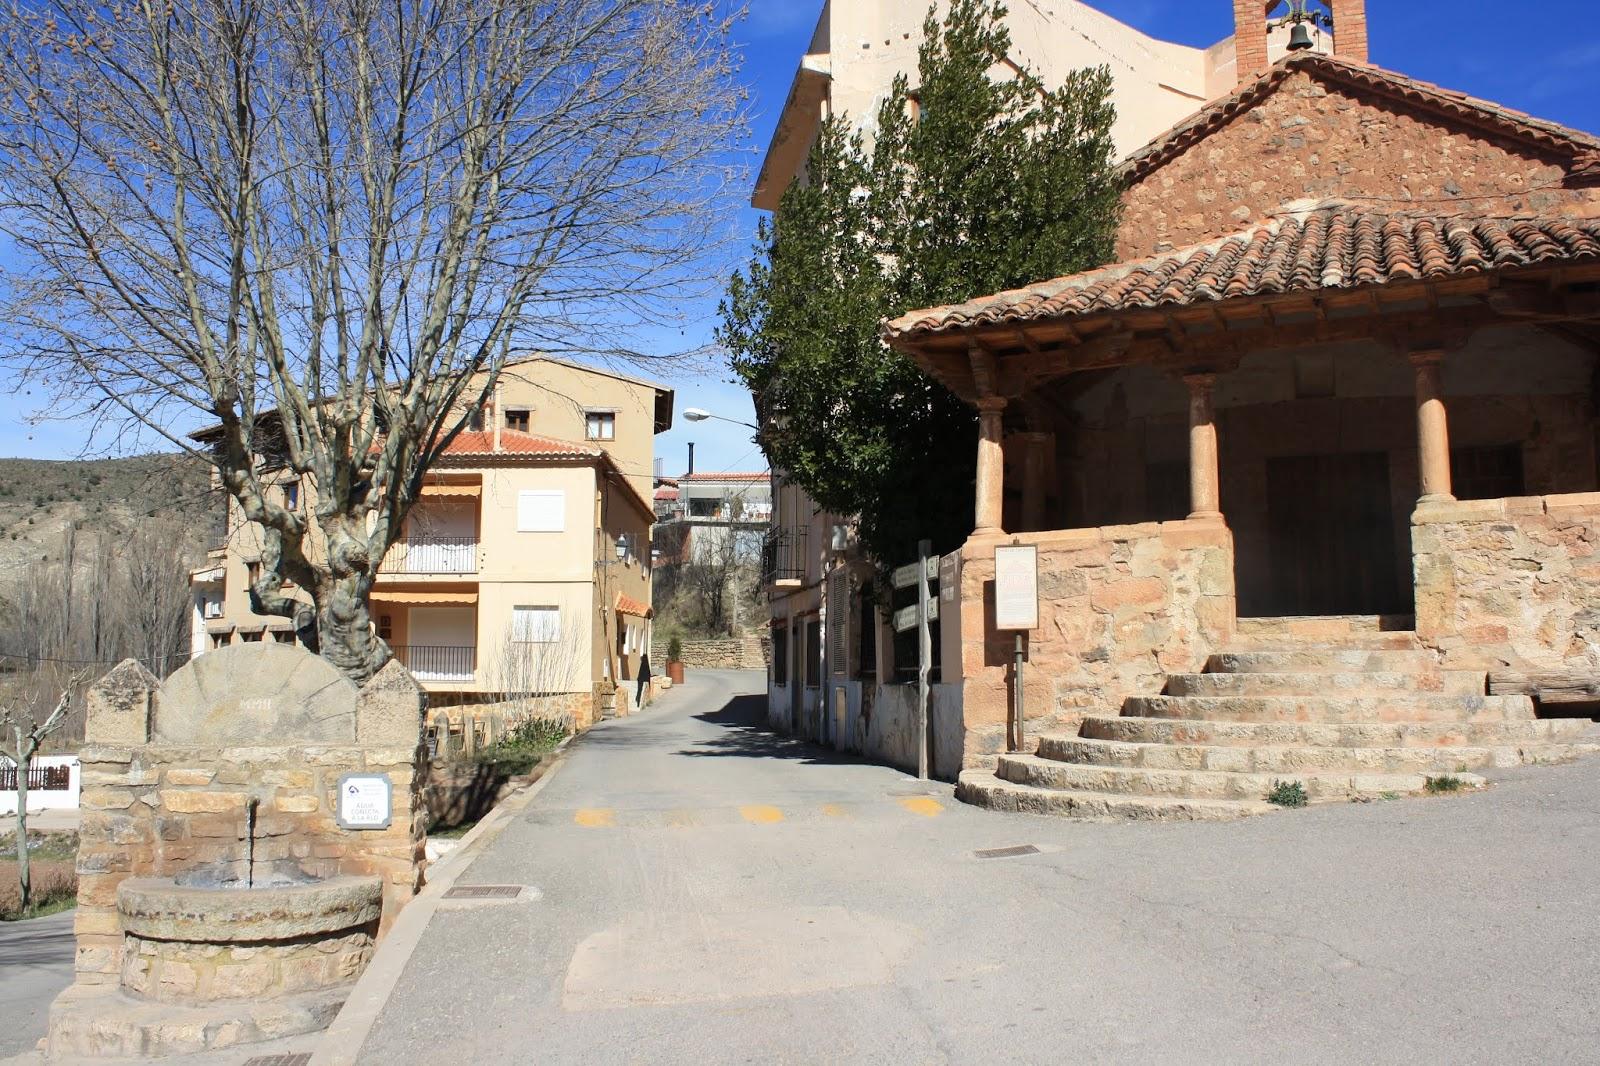 Ermita de San Roque, Arcos de las Salinas, Teruel